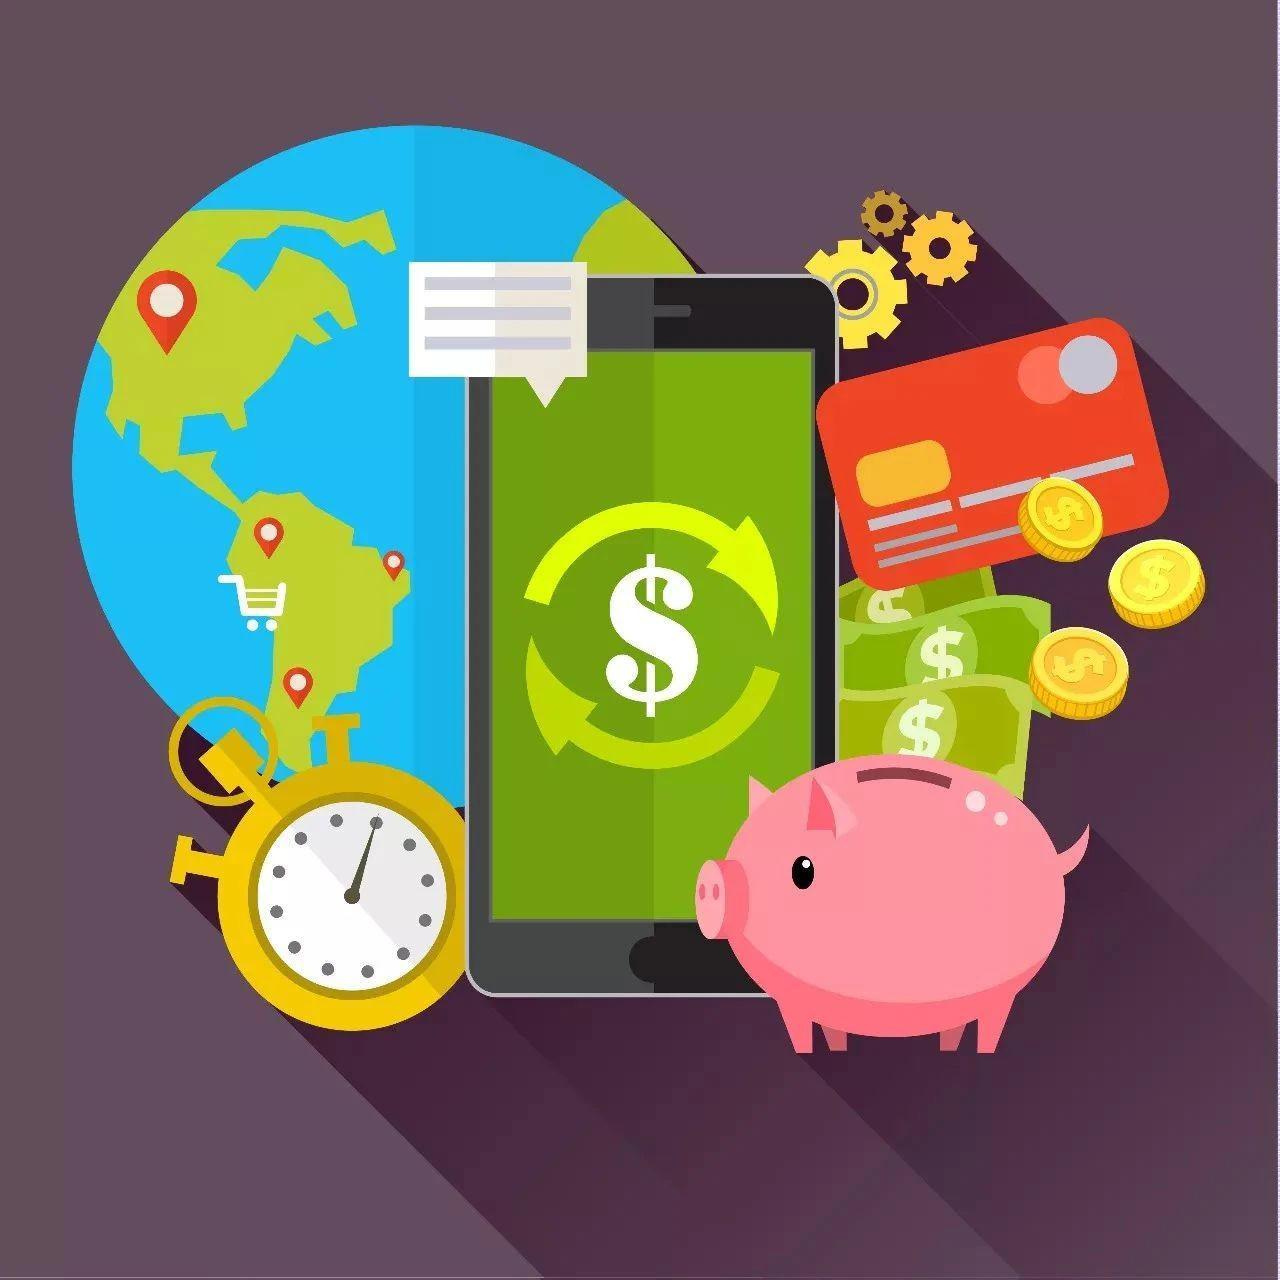 【非银】差异化分层杠杆率控制,小贷公司何去何从?——《关于加强小额贷款公司监督管理的通知》点评(王一峰)